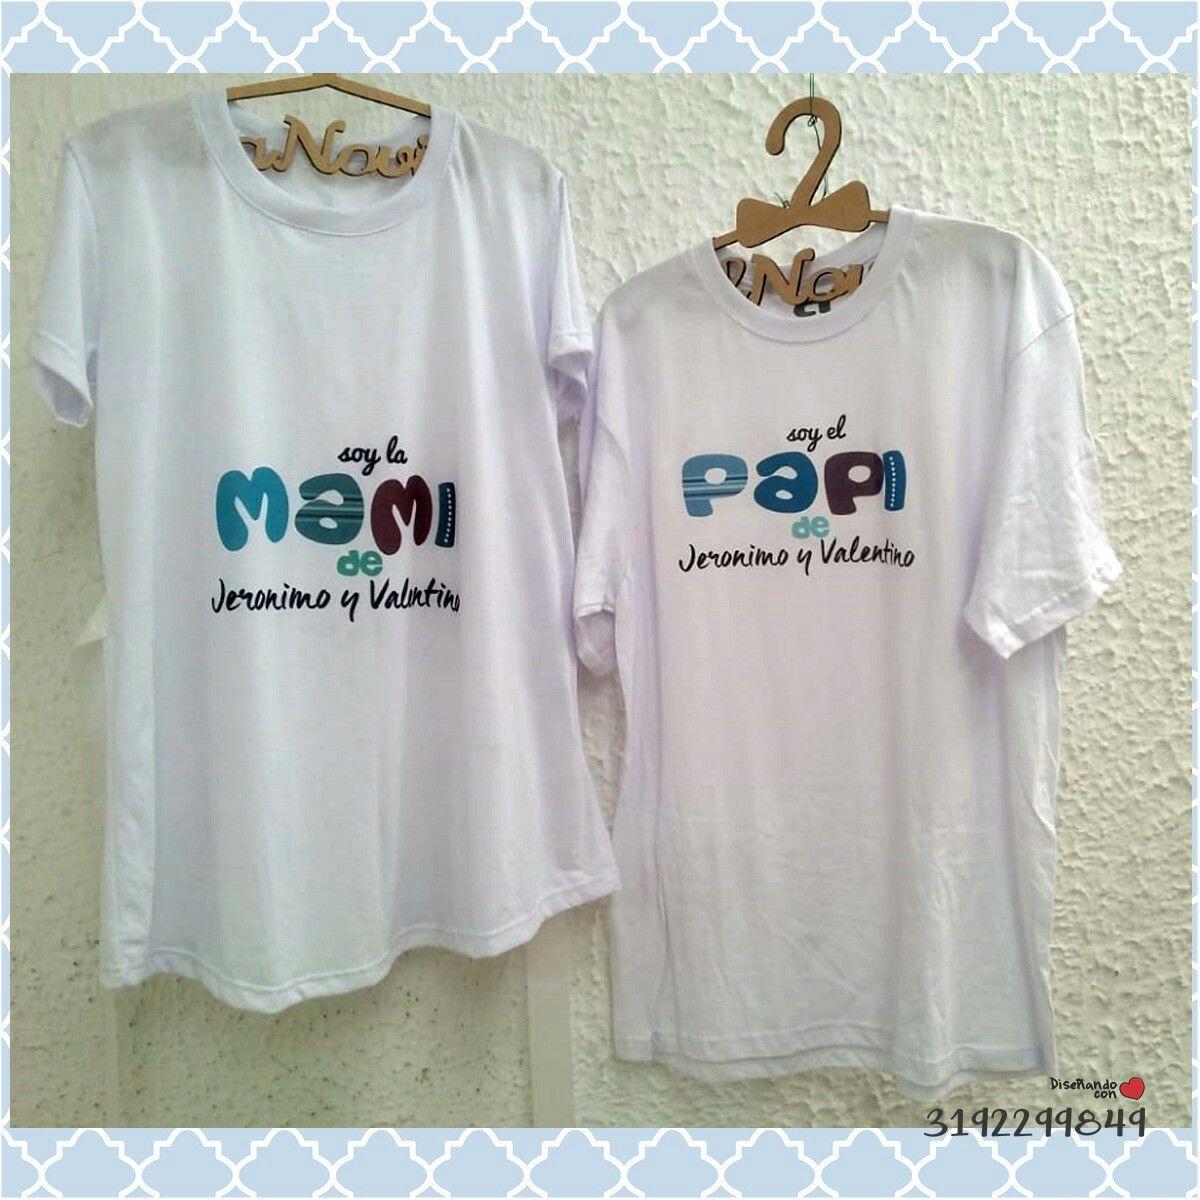 2aae872a3 Bodys y prendas para bebe👶 Camisetas personalizadas para la familia.   Contacto 319 2299849